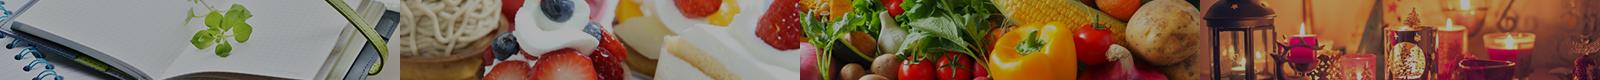 食品 通販サイト・イリスの食卓